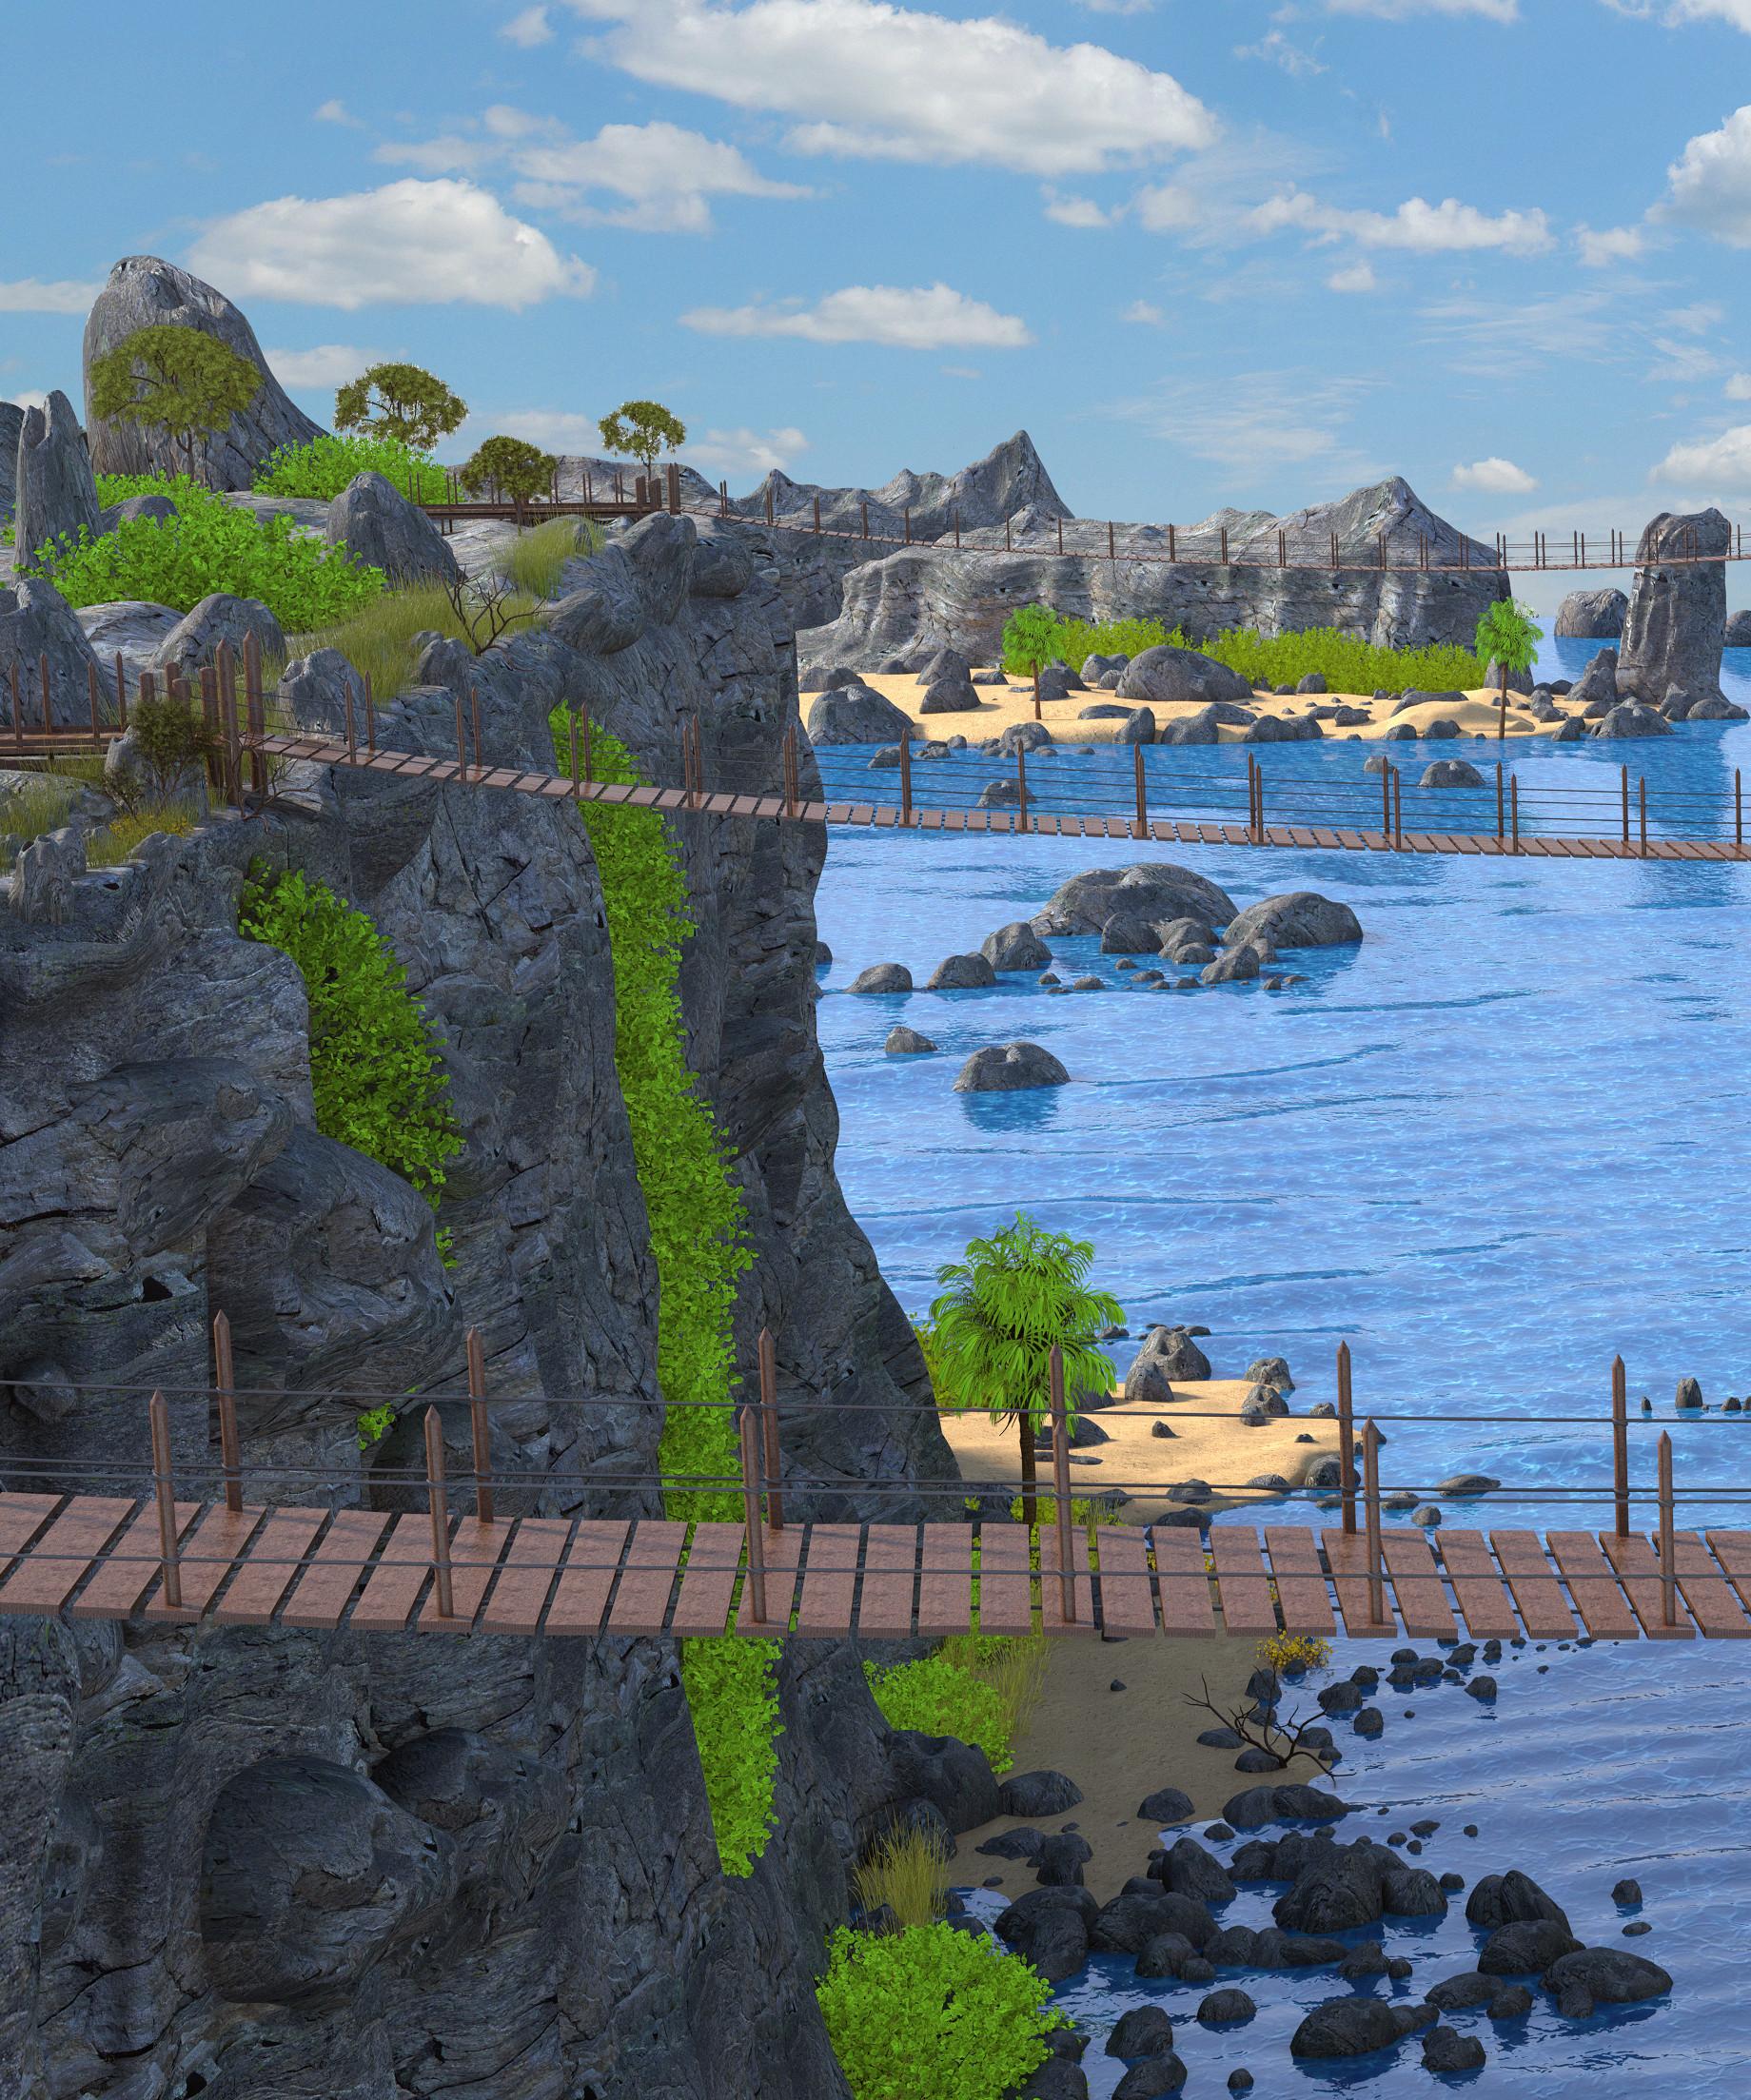 Marc mons bridge2